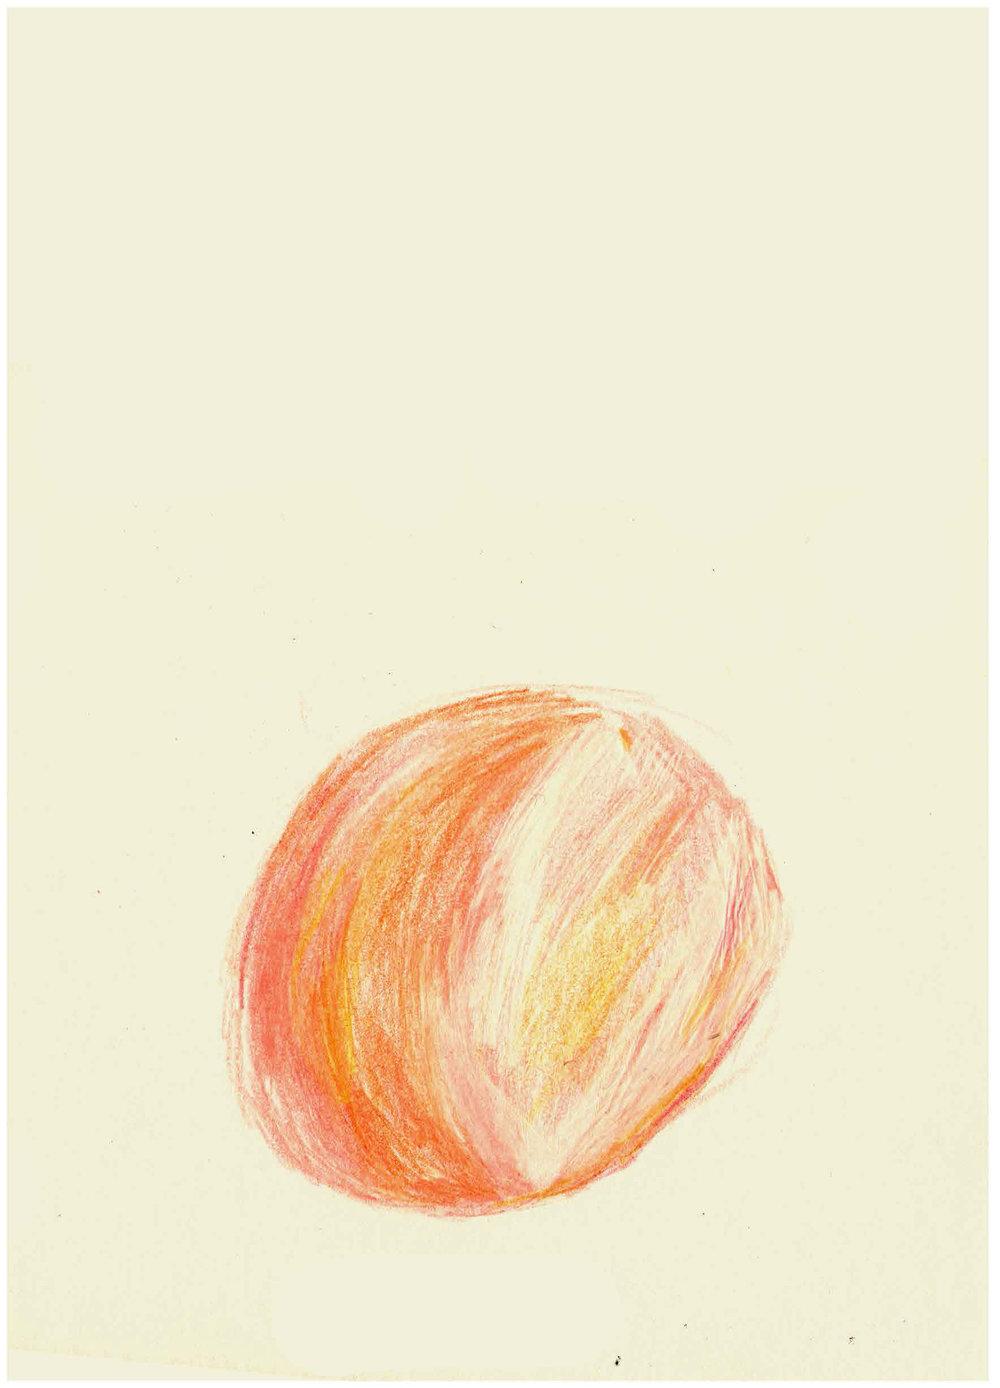 CMBYN peach.jpg